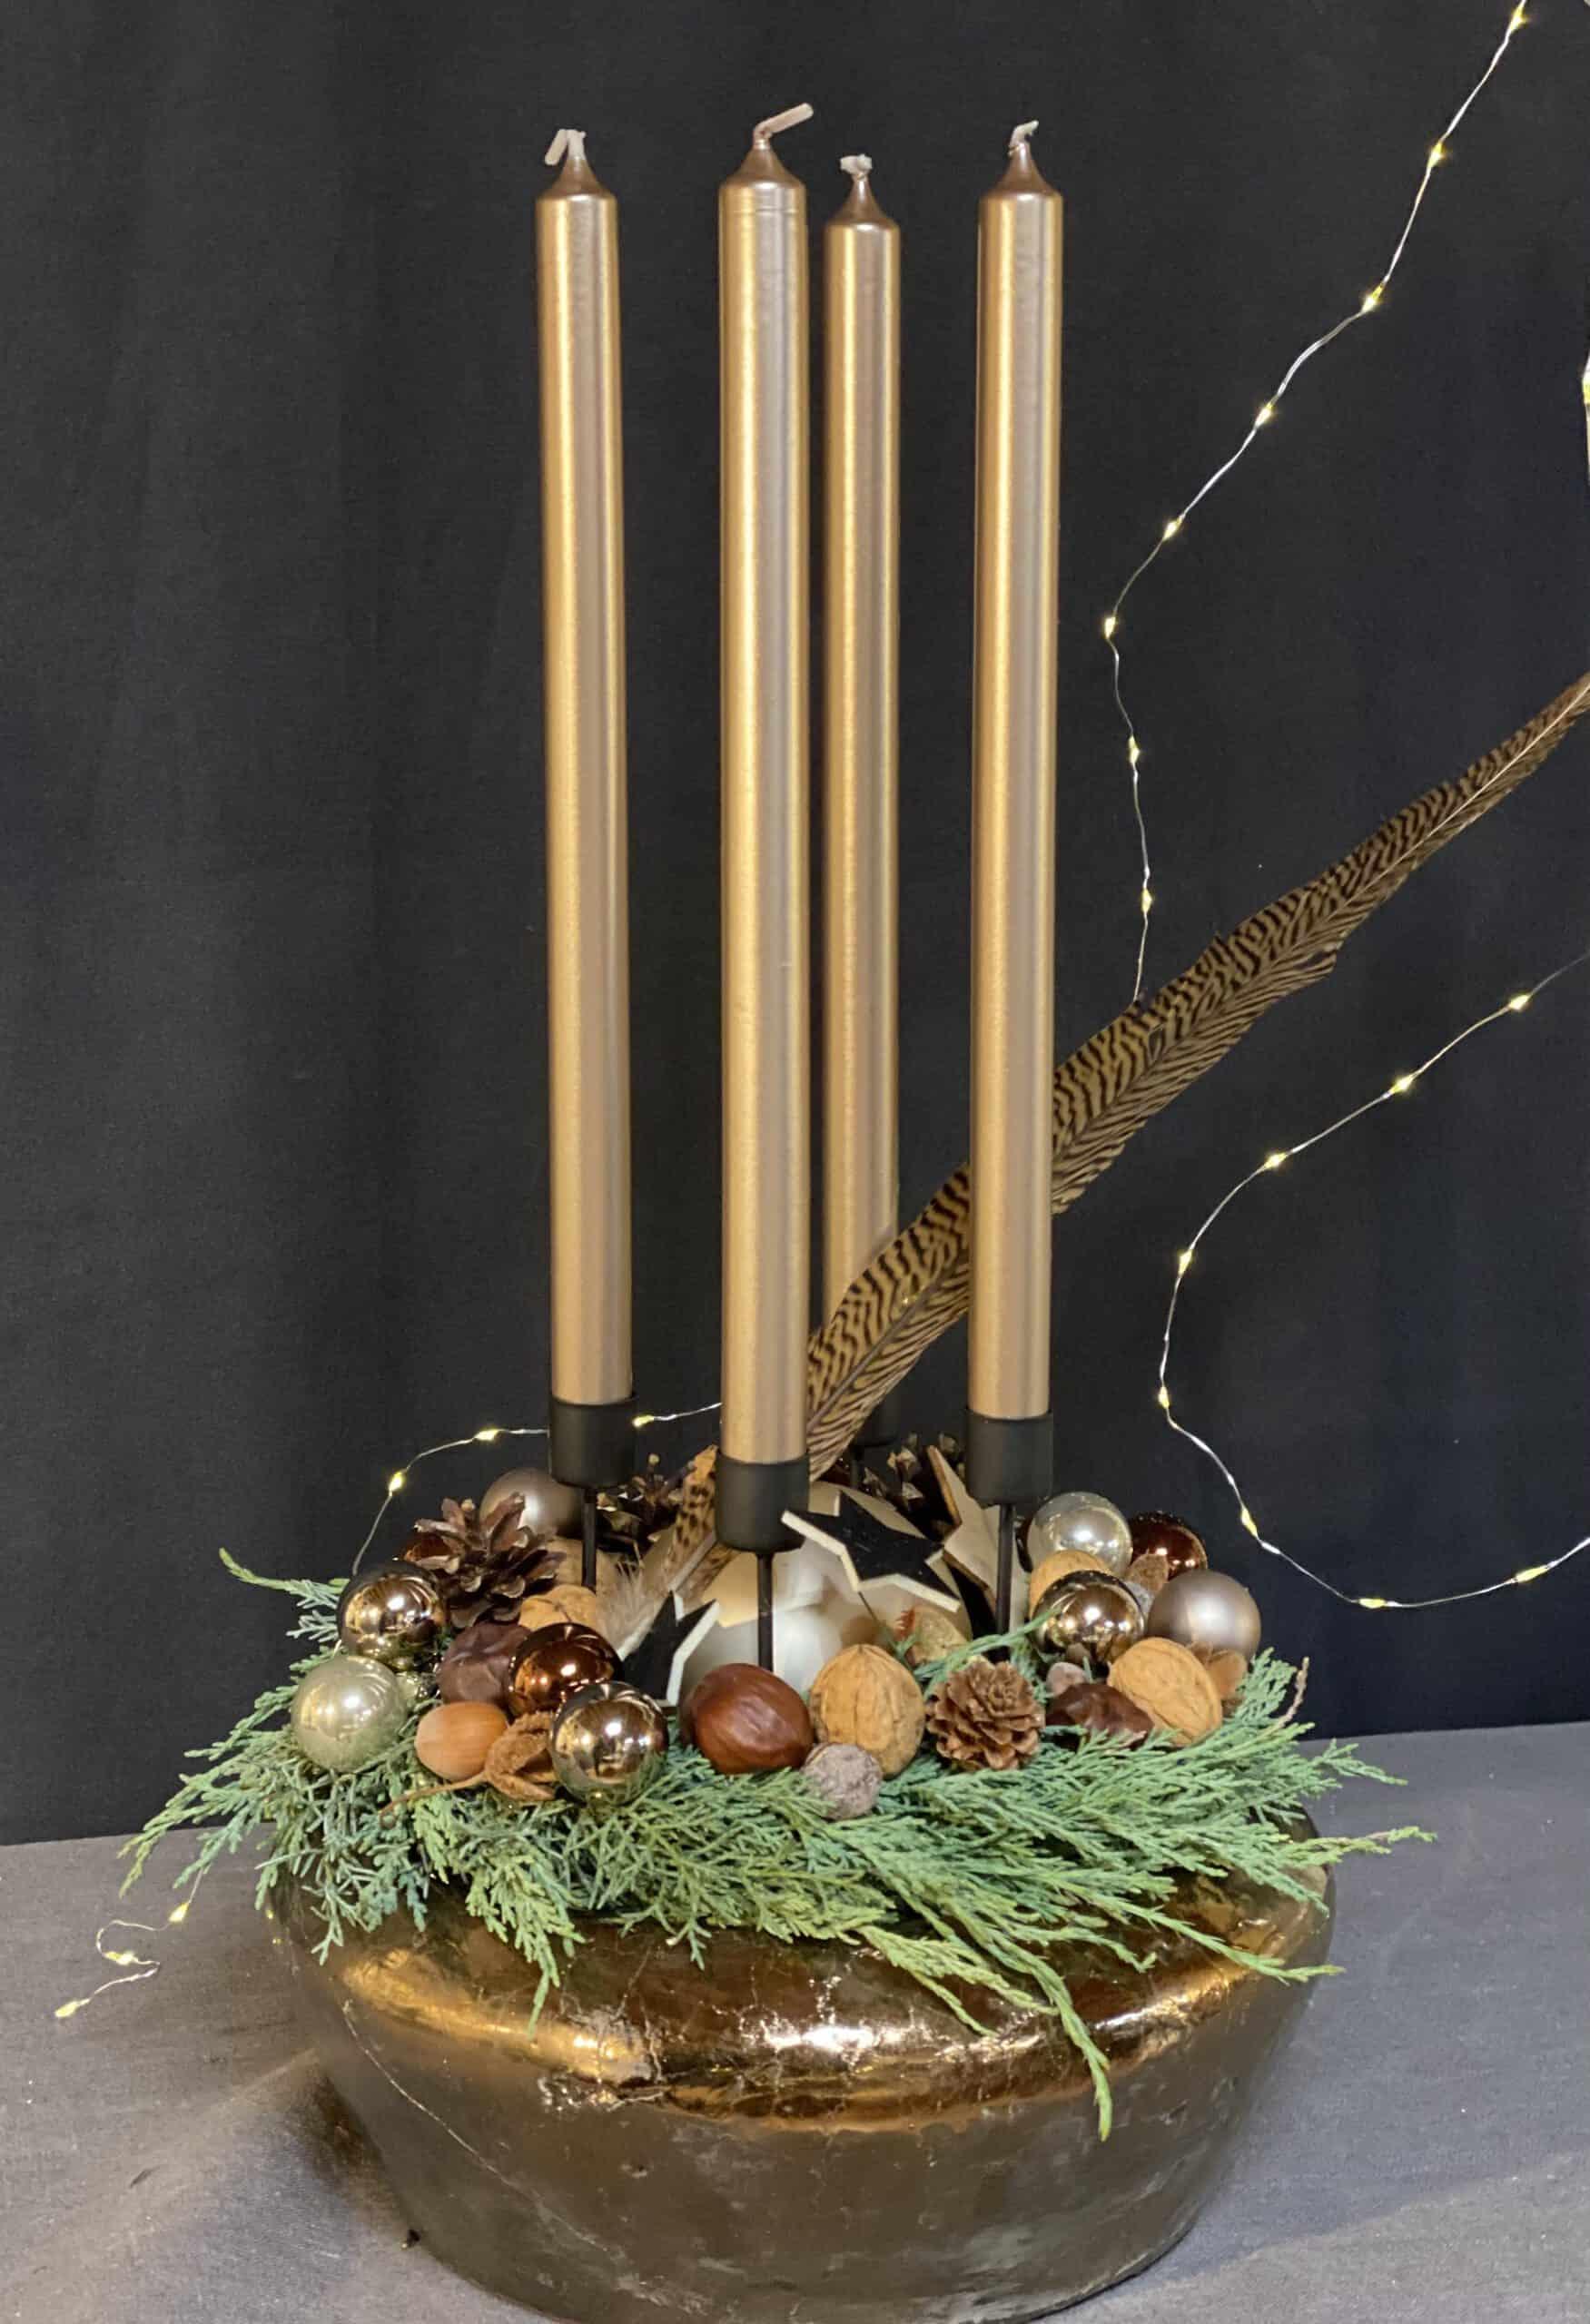 extravaganter Adventskranz 2021 mit 4 langen Gold Kerzen und einer Gold Schale von Kwoka